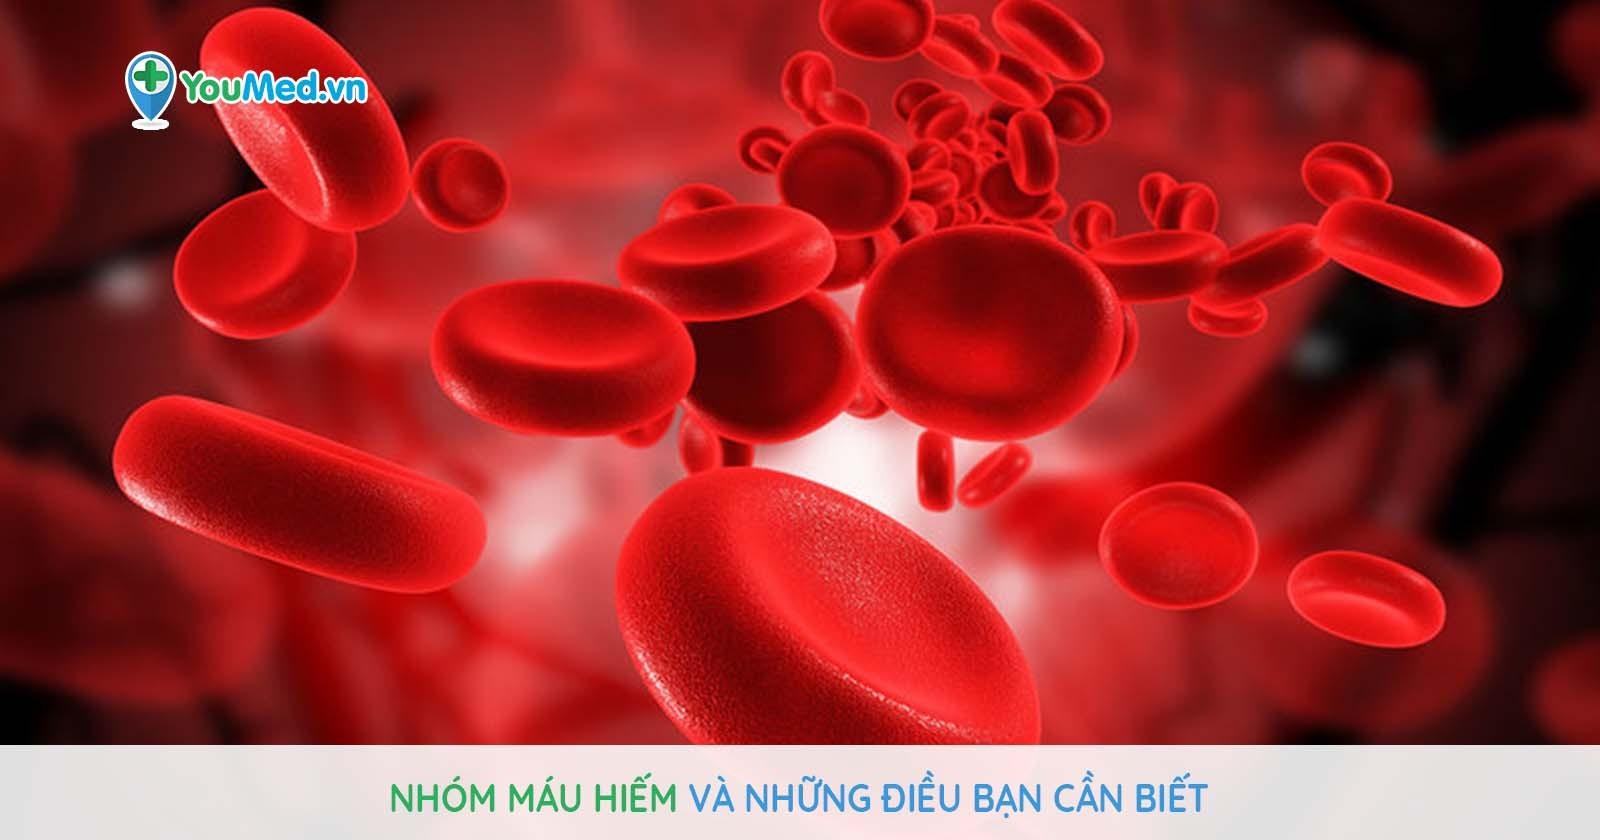 Nhóm máu hiếm và những điều bạn cần biết